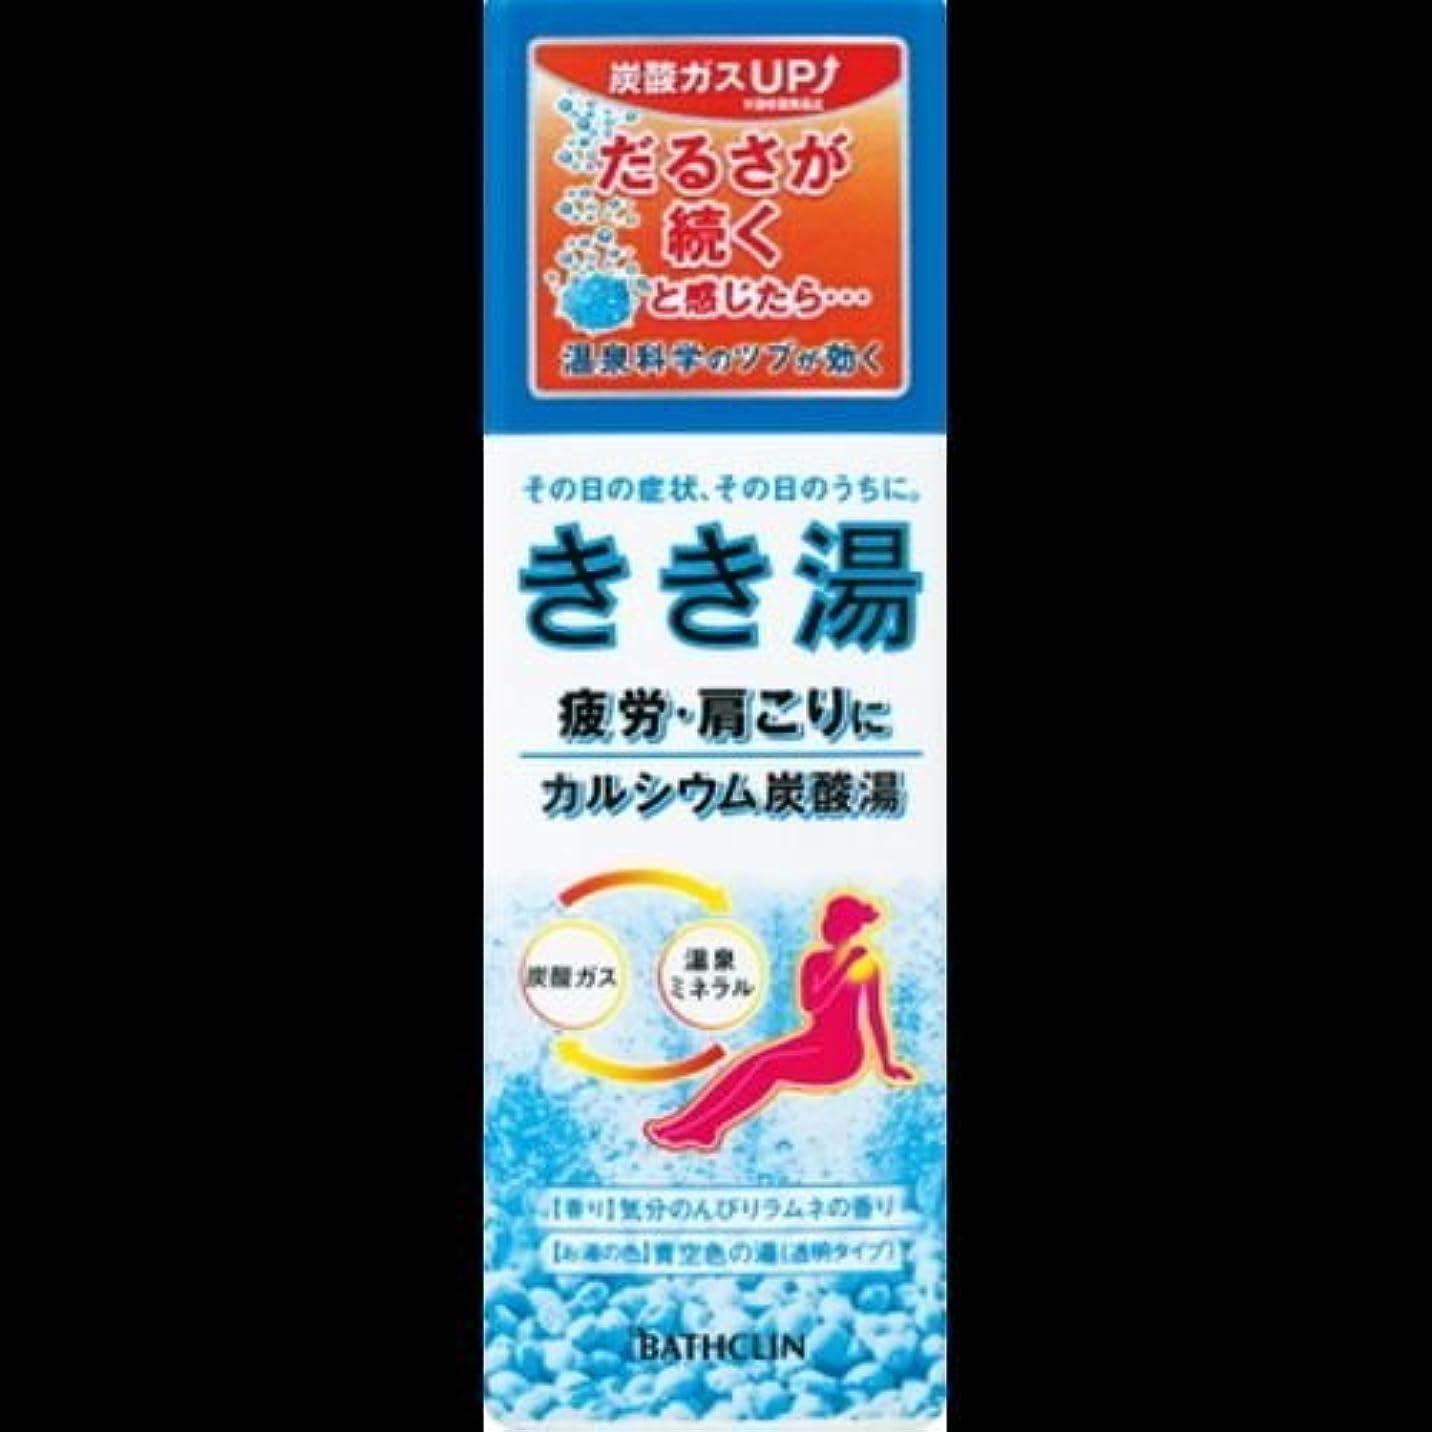 呼吸する緯度料理【まとめ買い】きき湯 カルシウム炭酸湯 気分のんびりラムネの香り 青空色の湯(透明タイプ) 360g ×2セット